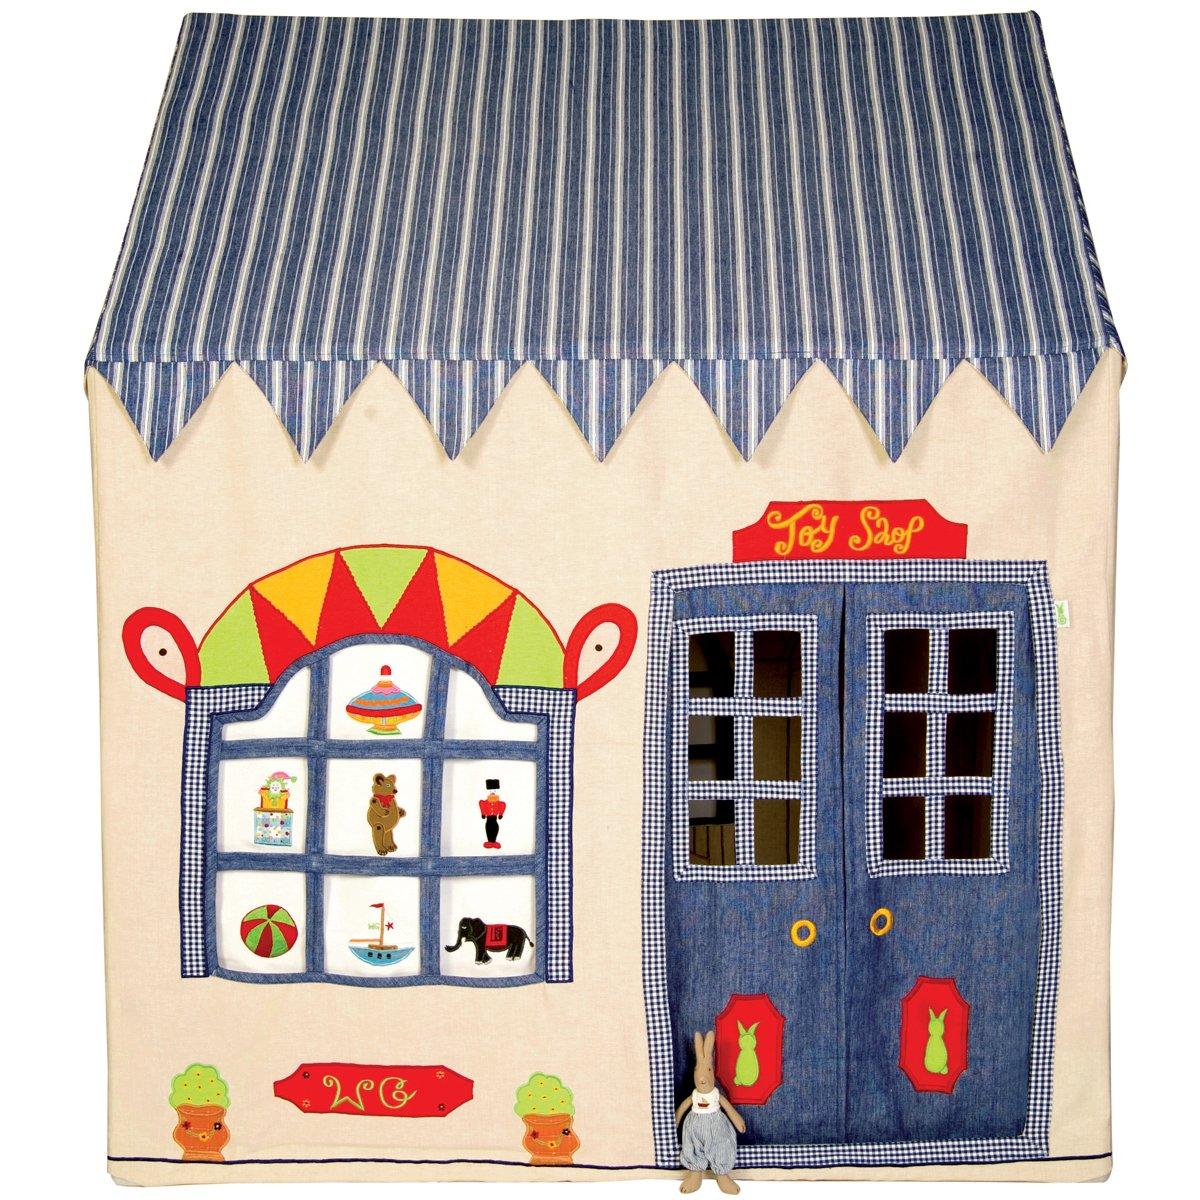 Spielzelt Spielzeugladen Größe: 110 cm H x 110 cm B x 74 cm T günstig kaufen